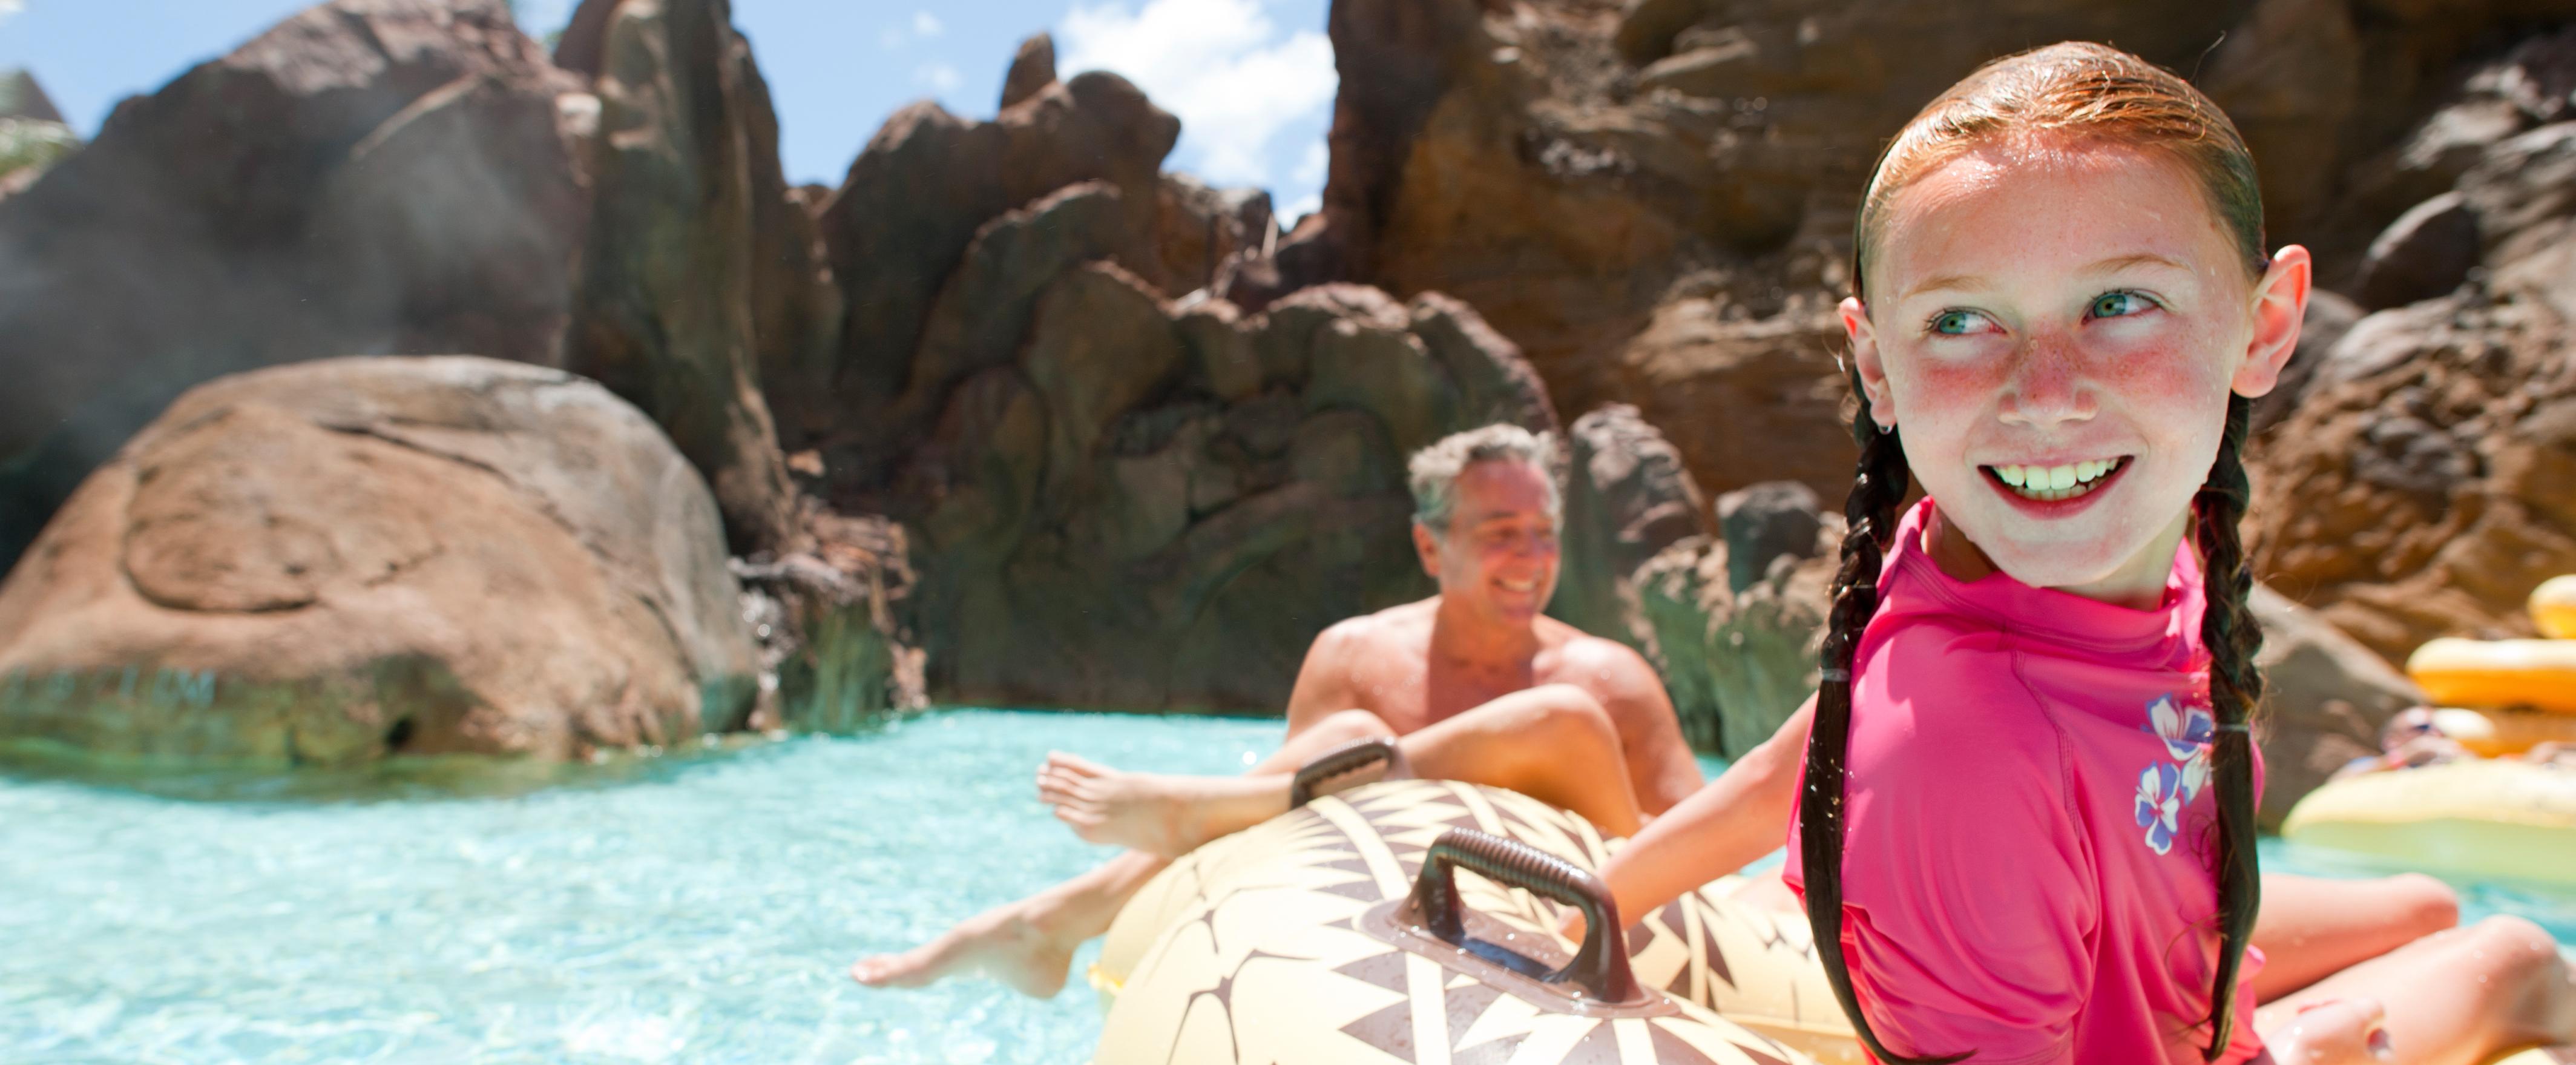 流れるプールで浮き輪で遊ぶ父と娘